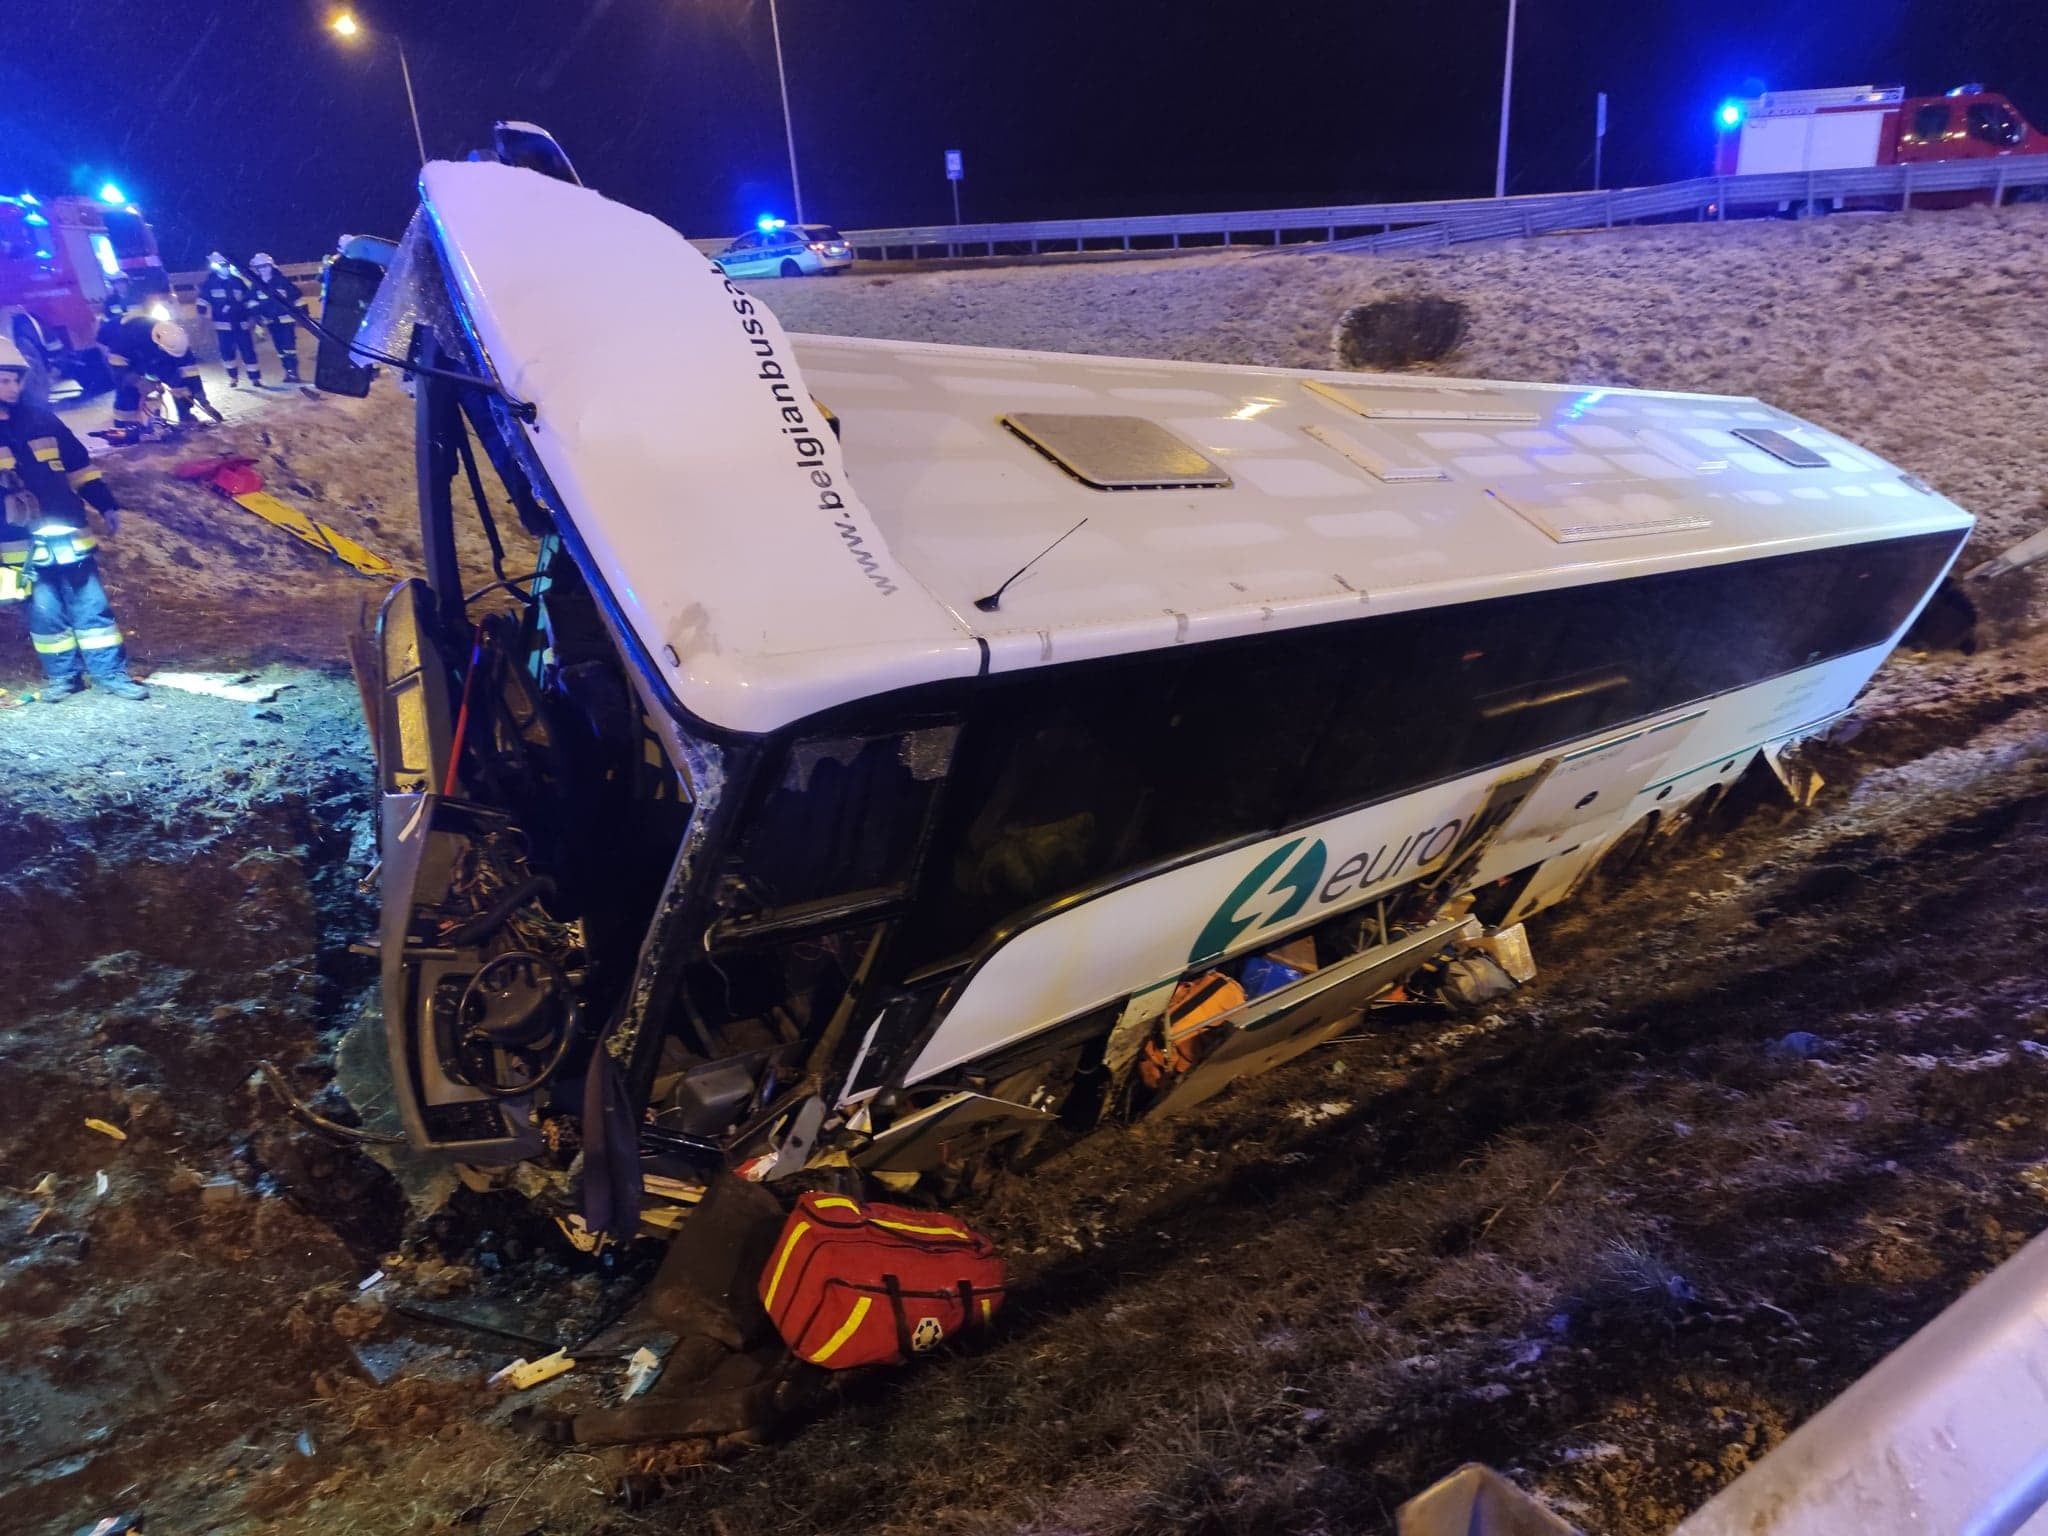 TRAGEDIA NA A4! Czy powodem wypadku mogła być śliska droga? [ZDJĘCIA, MAPA] - Zdjęcie główne